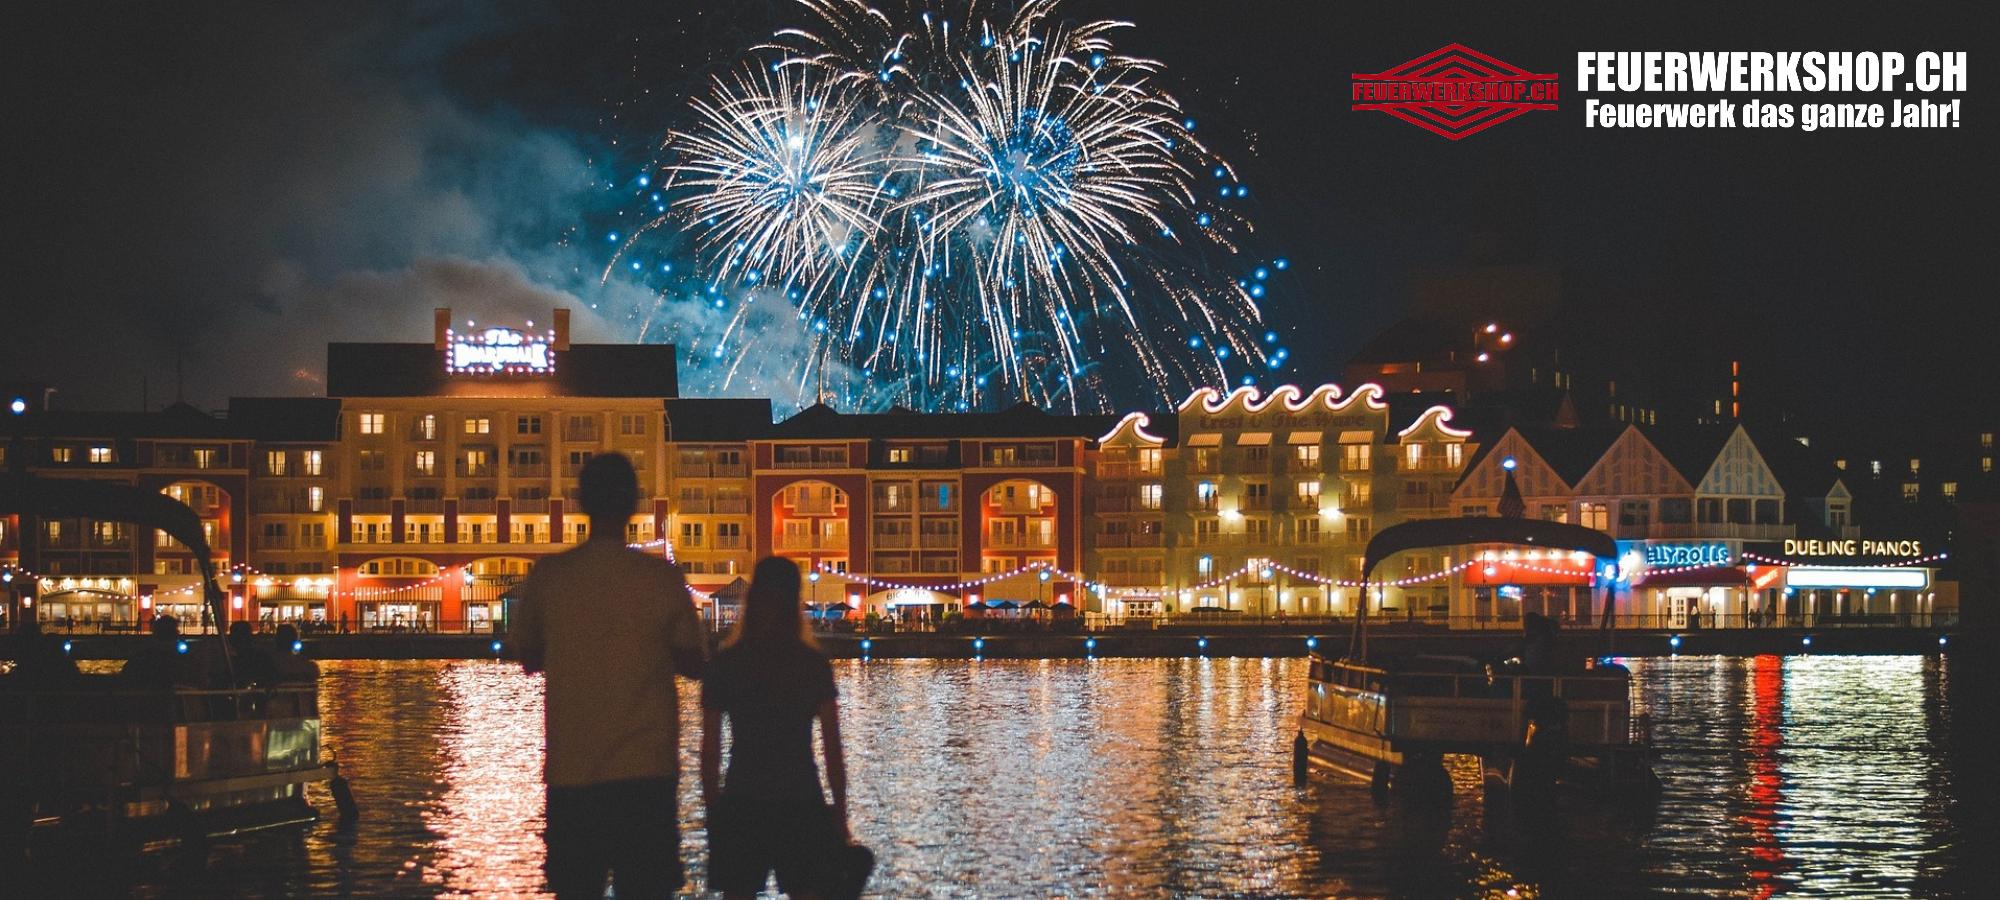 Feuerwerk - Pyrotechnik - Rauchfackeln online kaufen